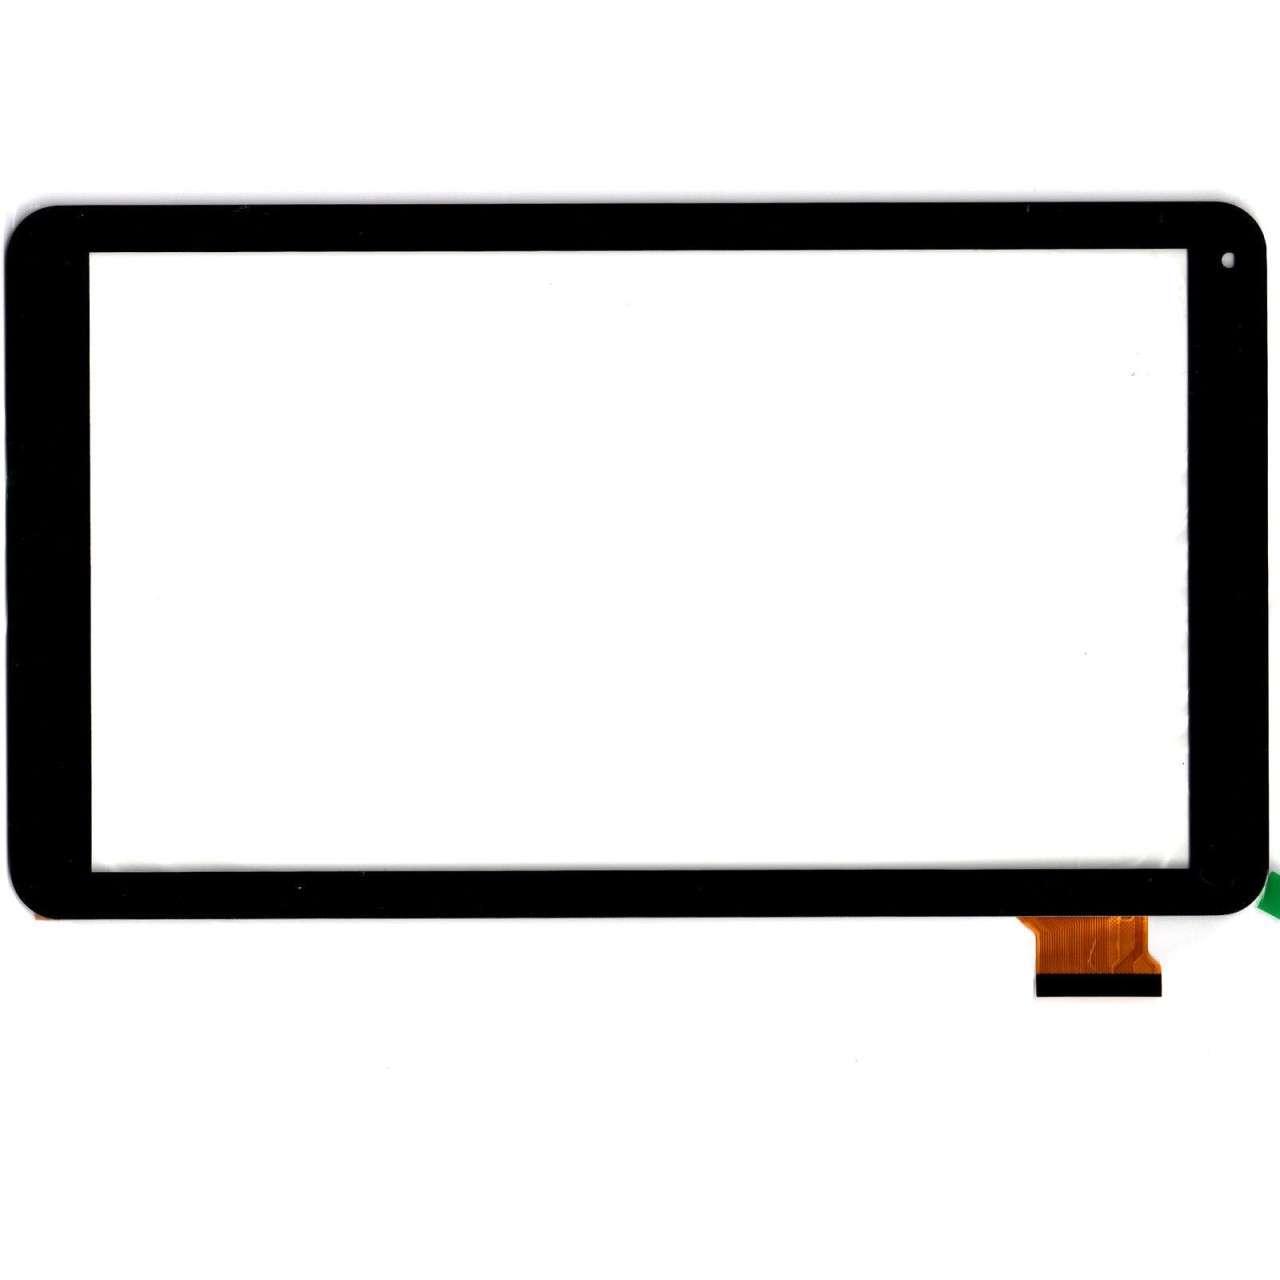 Touchscreen Digitizer Utok 1005Q Geam Sticla Tableta imagine powerlaptop.ro 2021